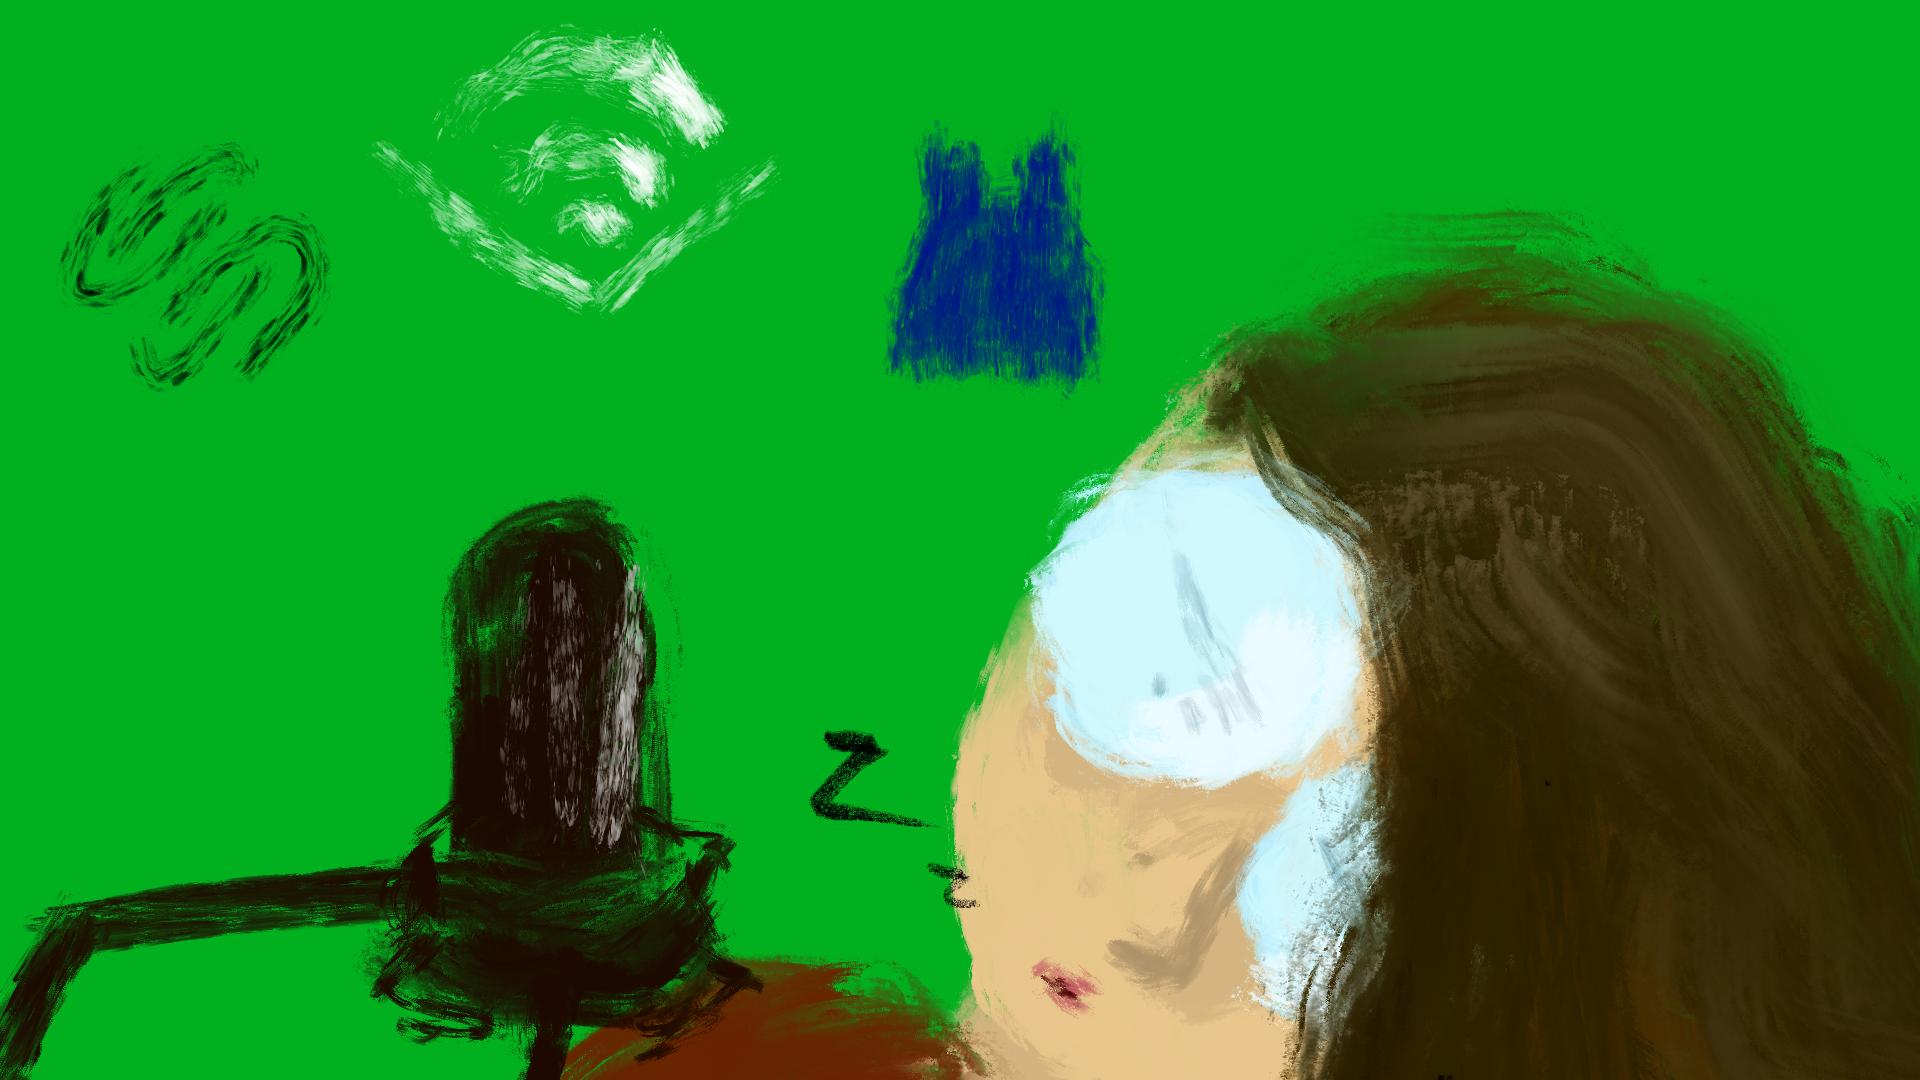 Peebs Reads, Peebs Sleeps - by Jack David